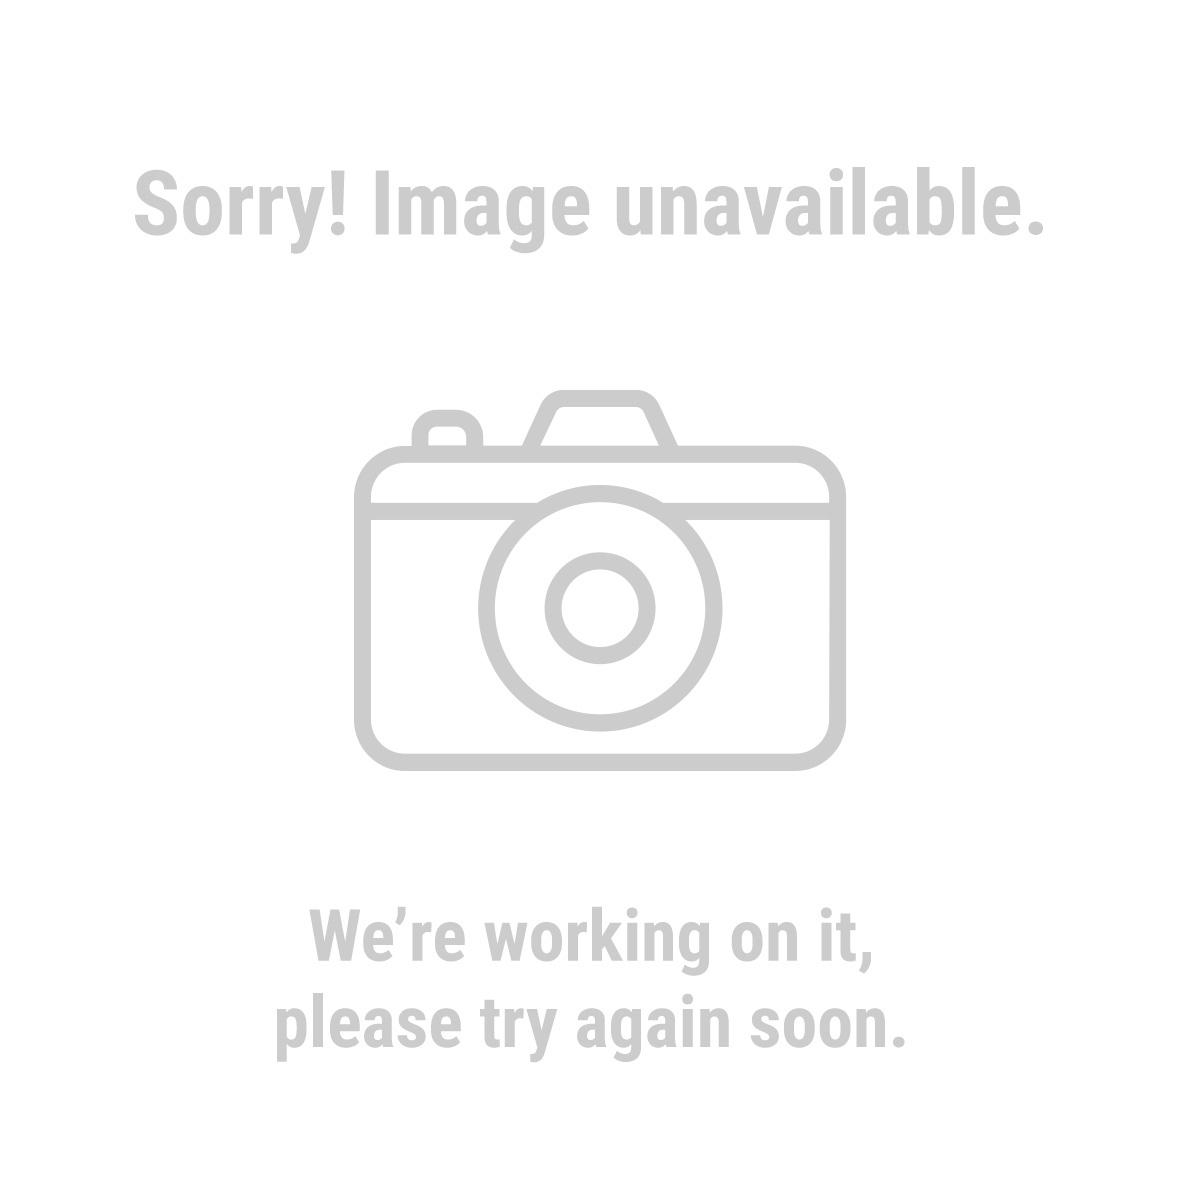 Gorilla 98561 18 oz. Gorilla Wood Glue